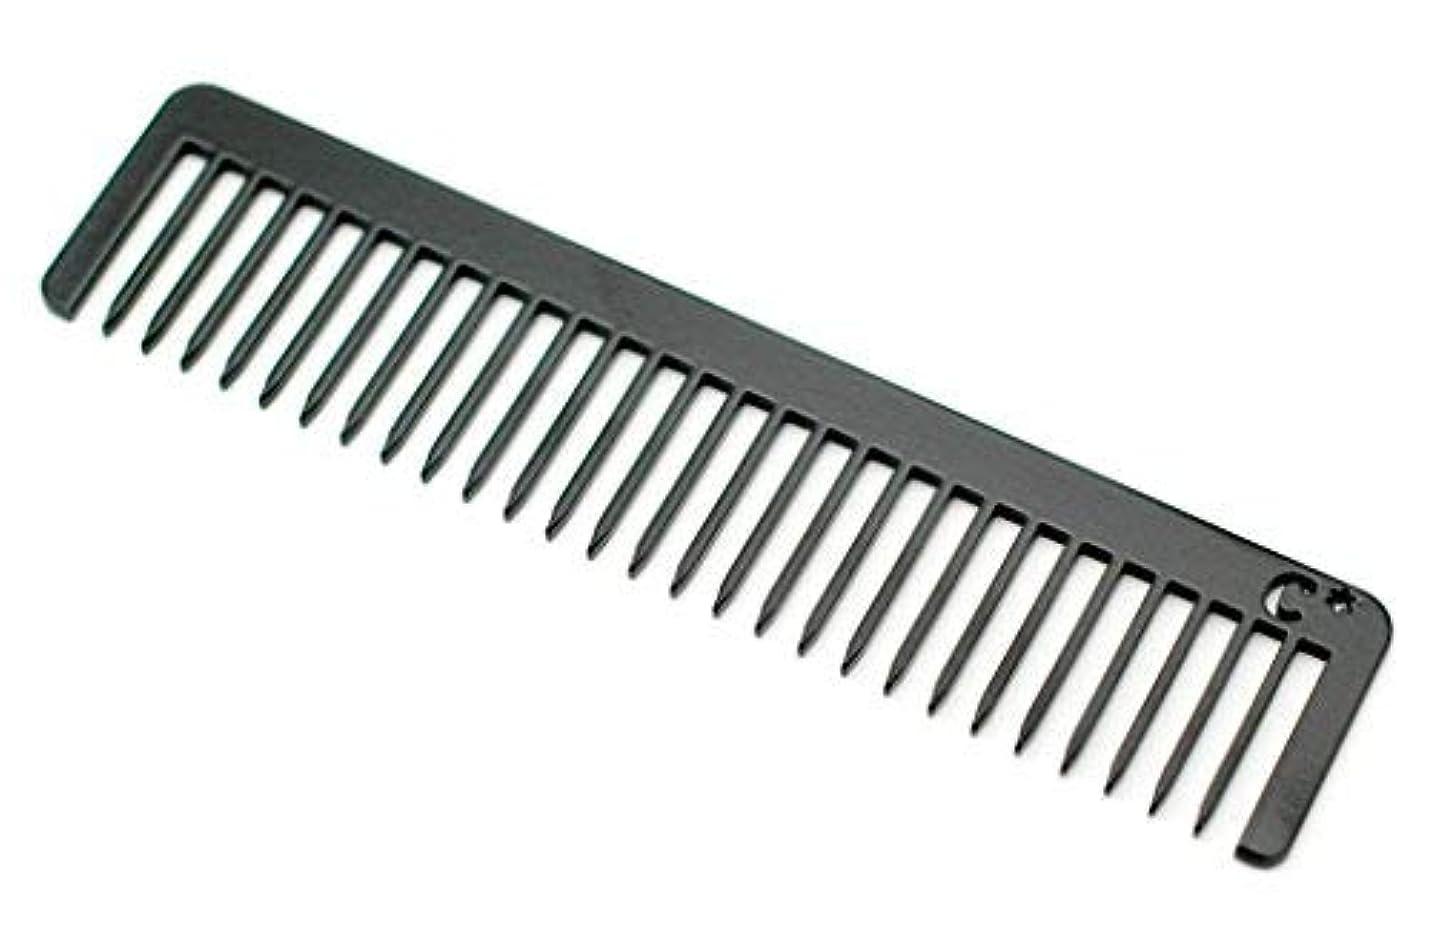 寄り添うプライバシー香りChicago Comb Long Model No. 5 Jet Black, 5.5 inches (14 cm) long, Made in USA, wide-tooth comb, ultra smooth coated...